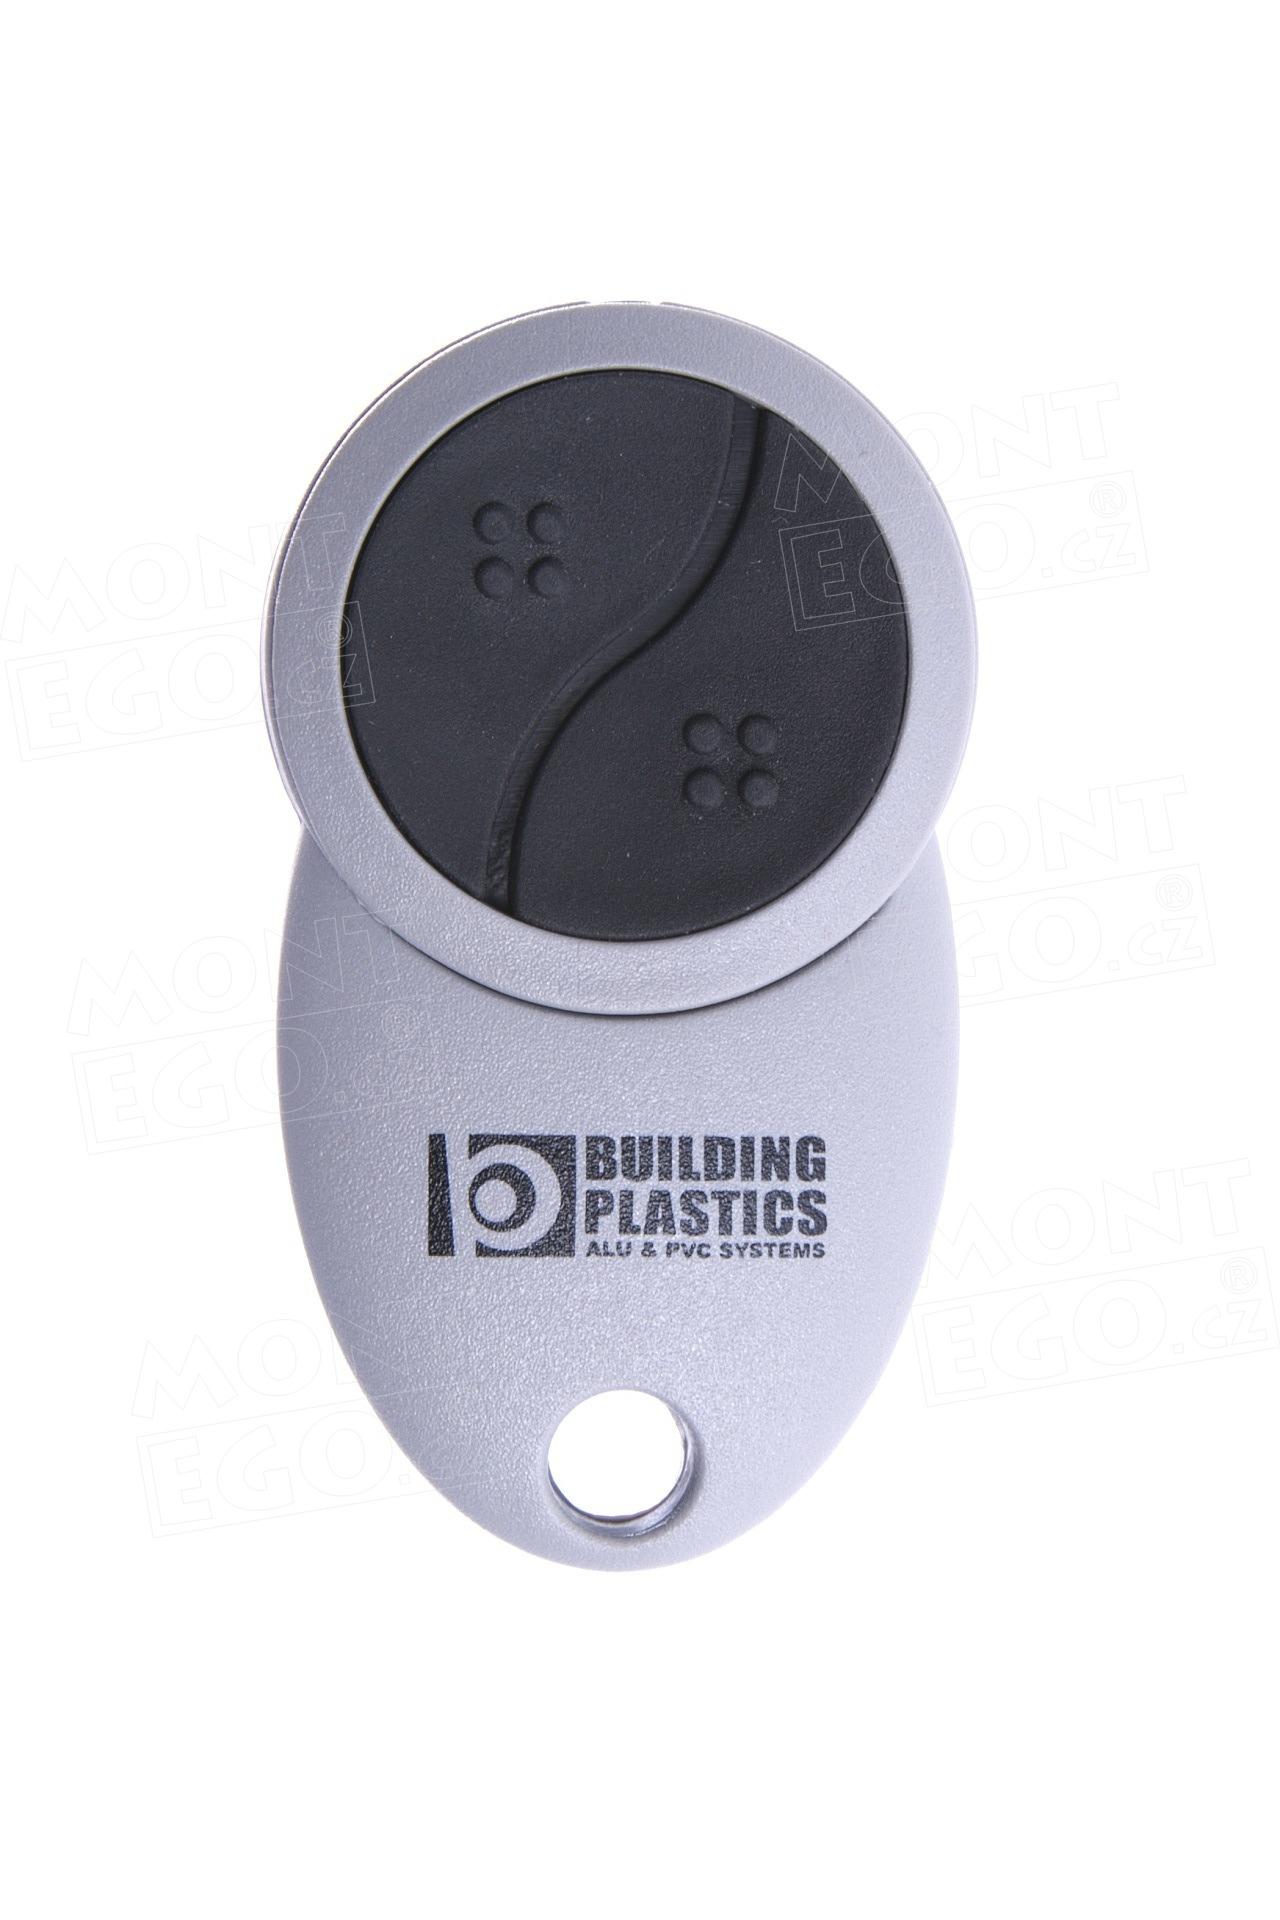 Dálkový ovládač na vrata Minirol, Teleco TVTXP868A02, 2 kanálový